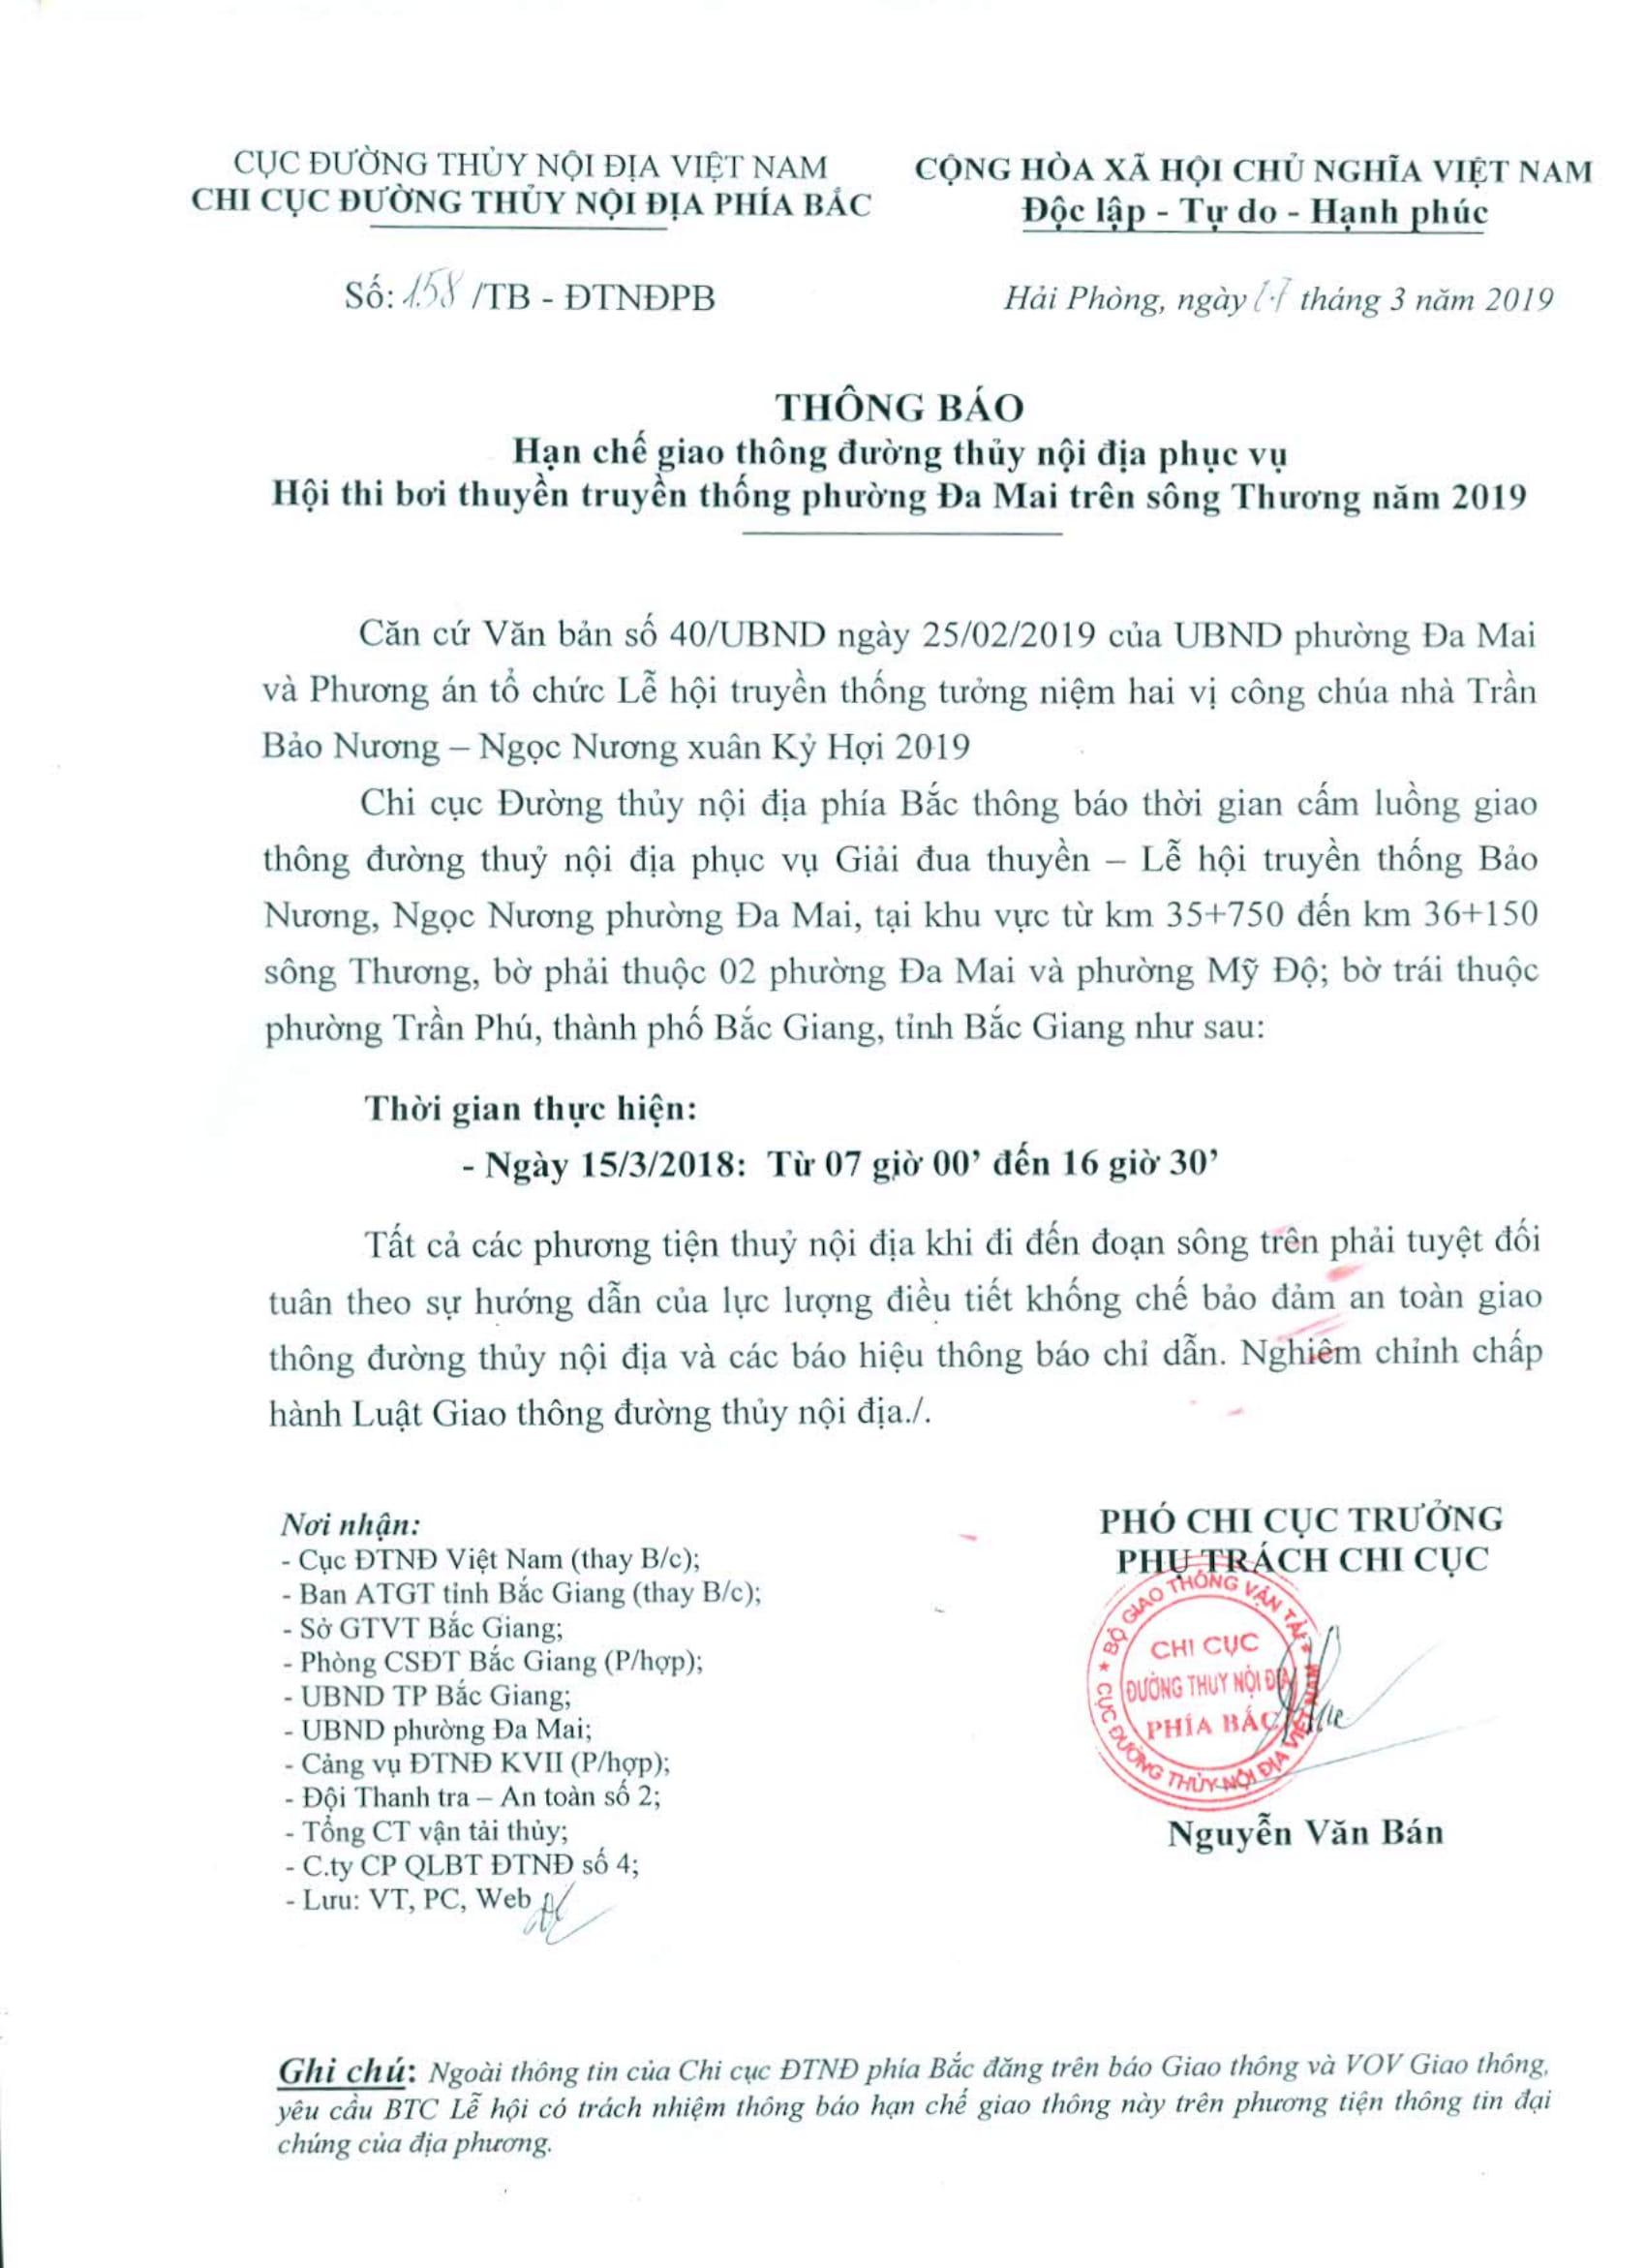 Thông báo HCGT ĐTNĐ (km 35+750 đến km 36+150 sông Thương) phục vụ Giải đua thuyền. thành phố Bắc Giang